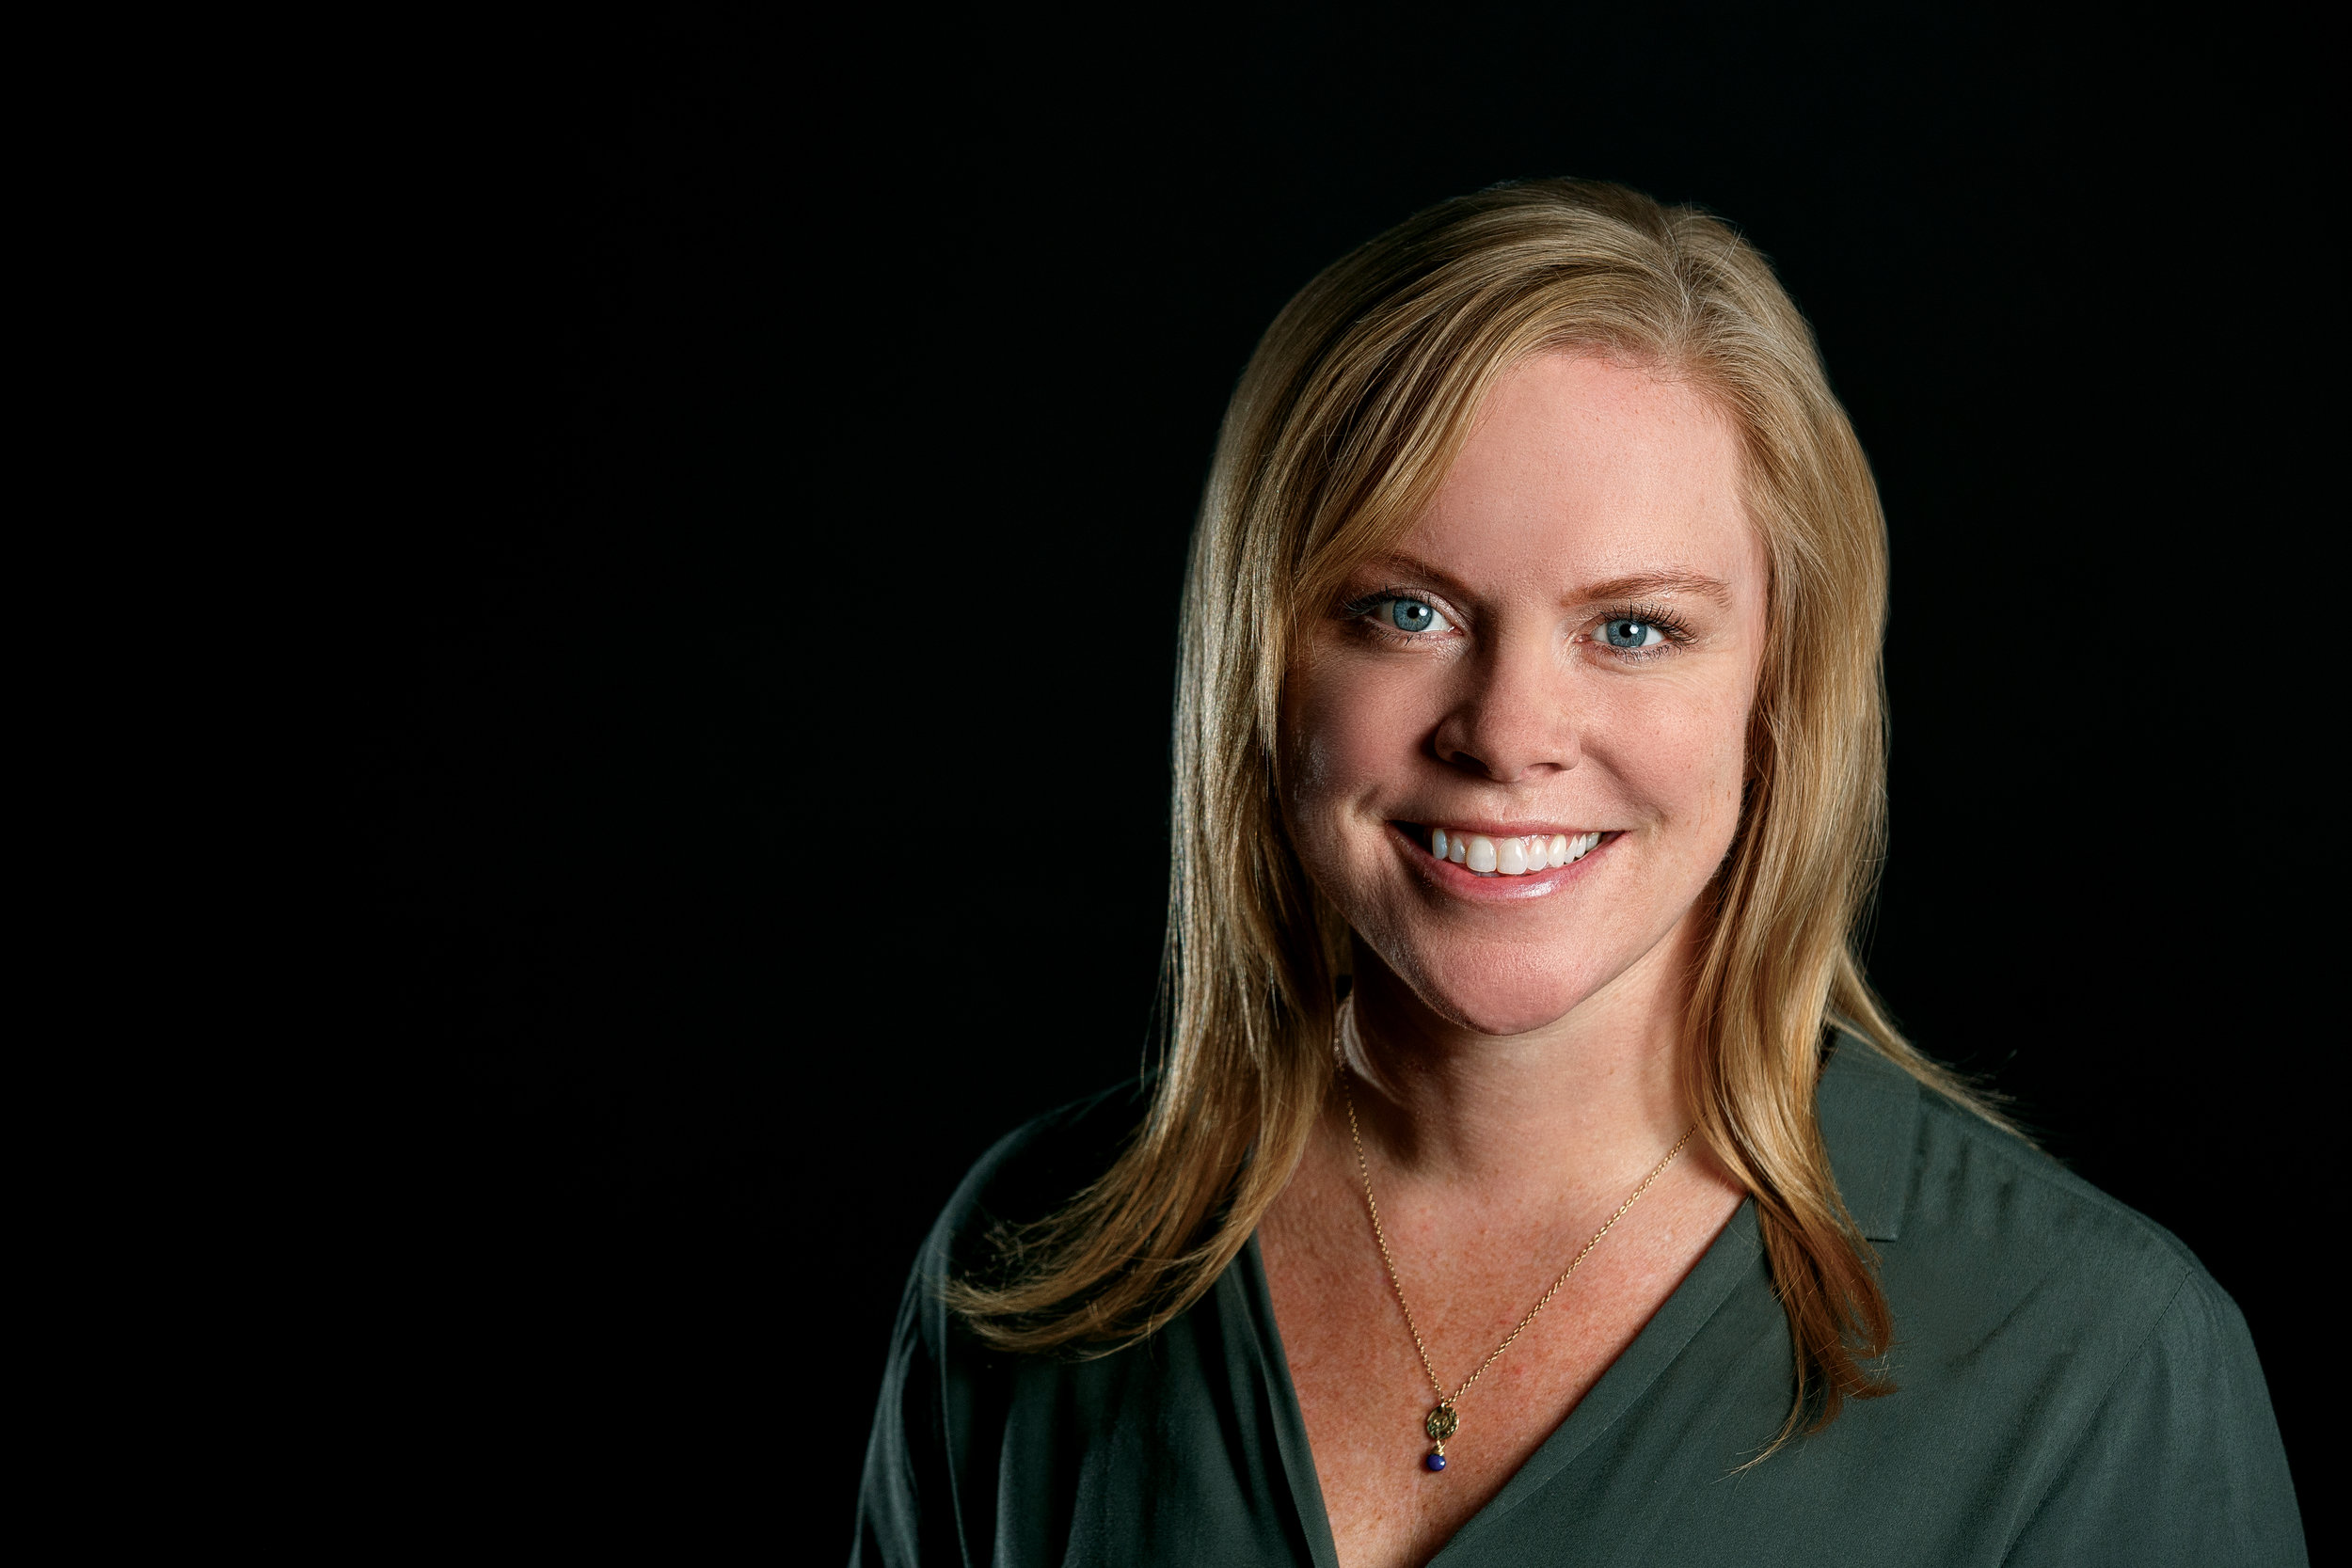 Kristin Ziemke